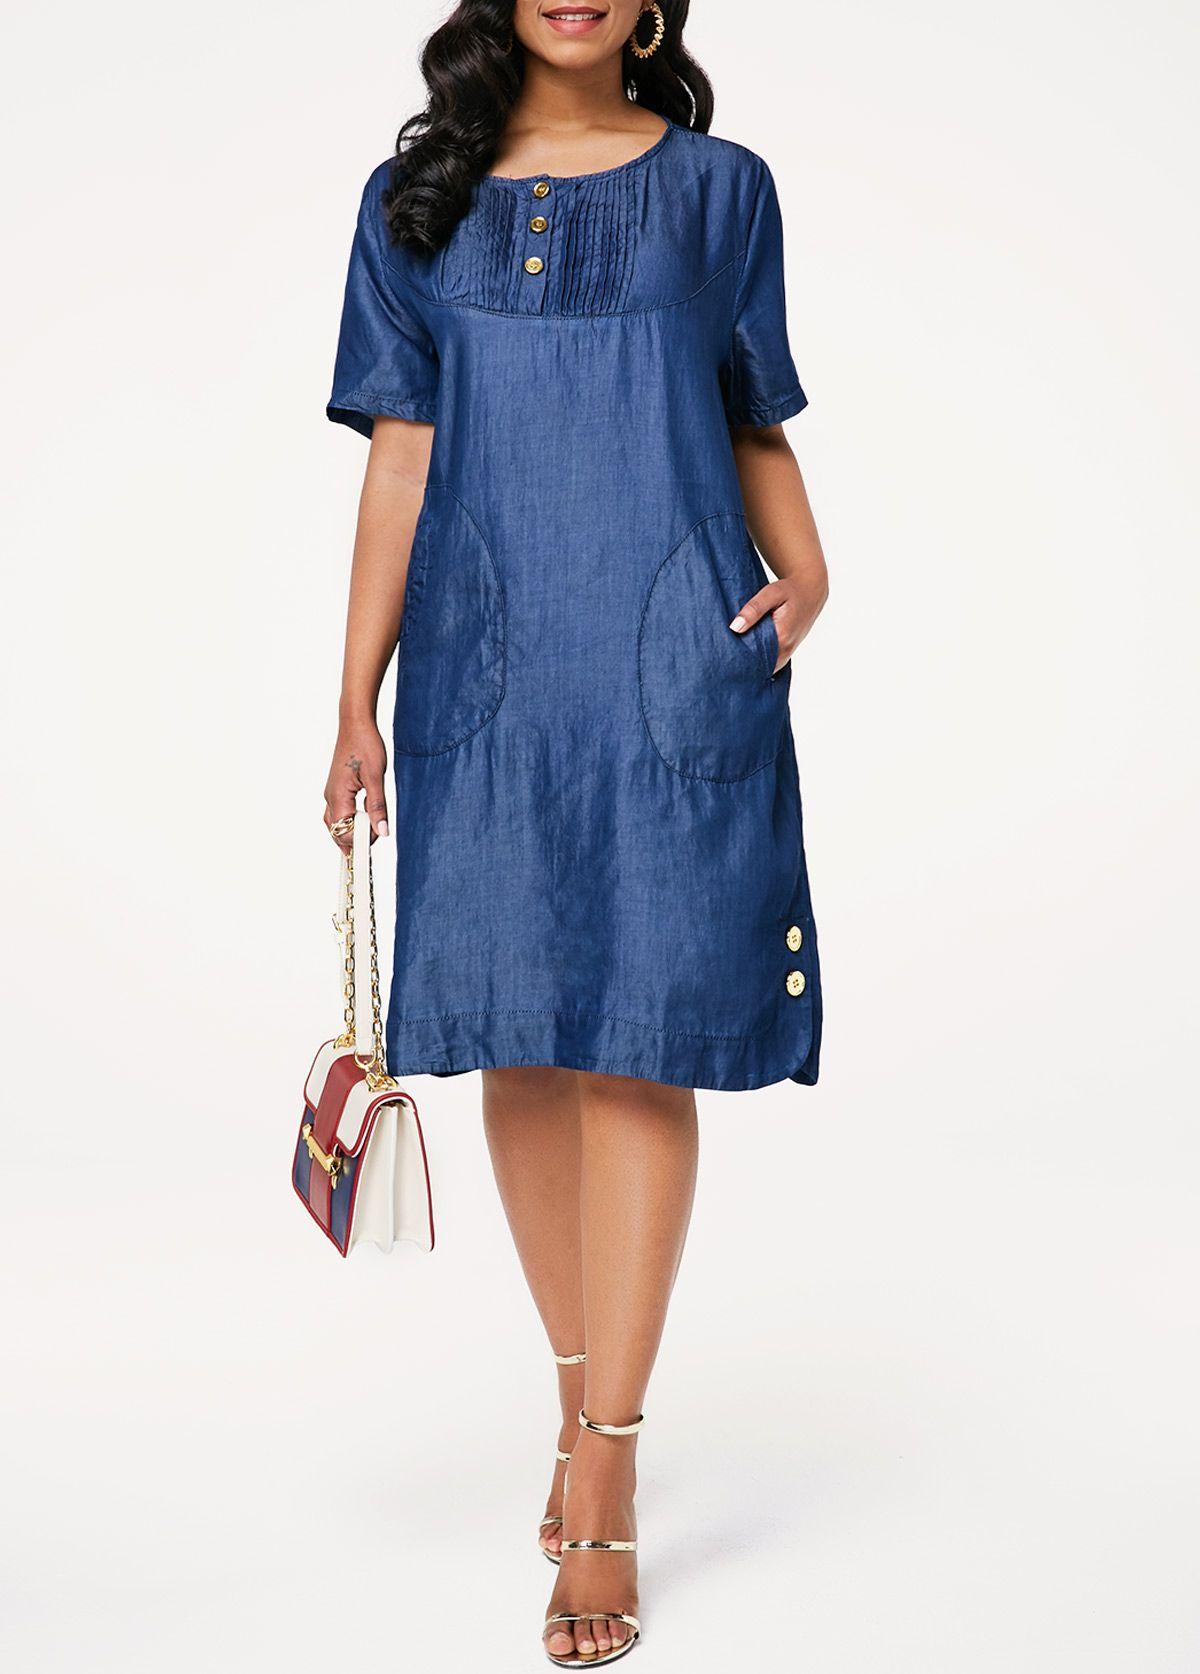 d28e587539 Button Embellished Pocket Crinkle Chest Denim Shift Dress